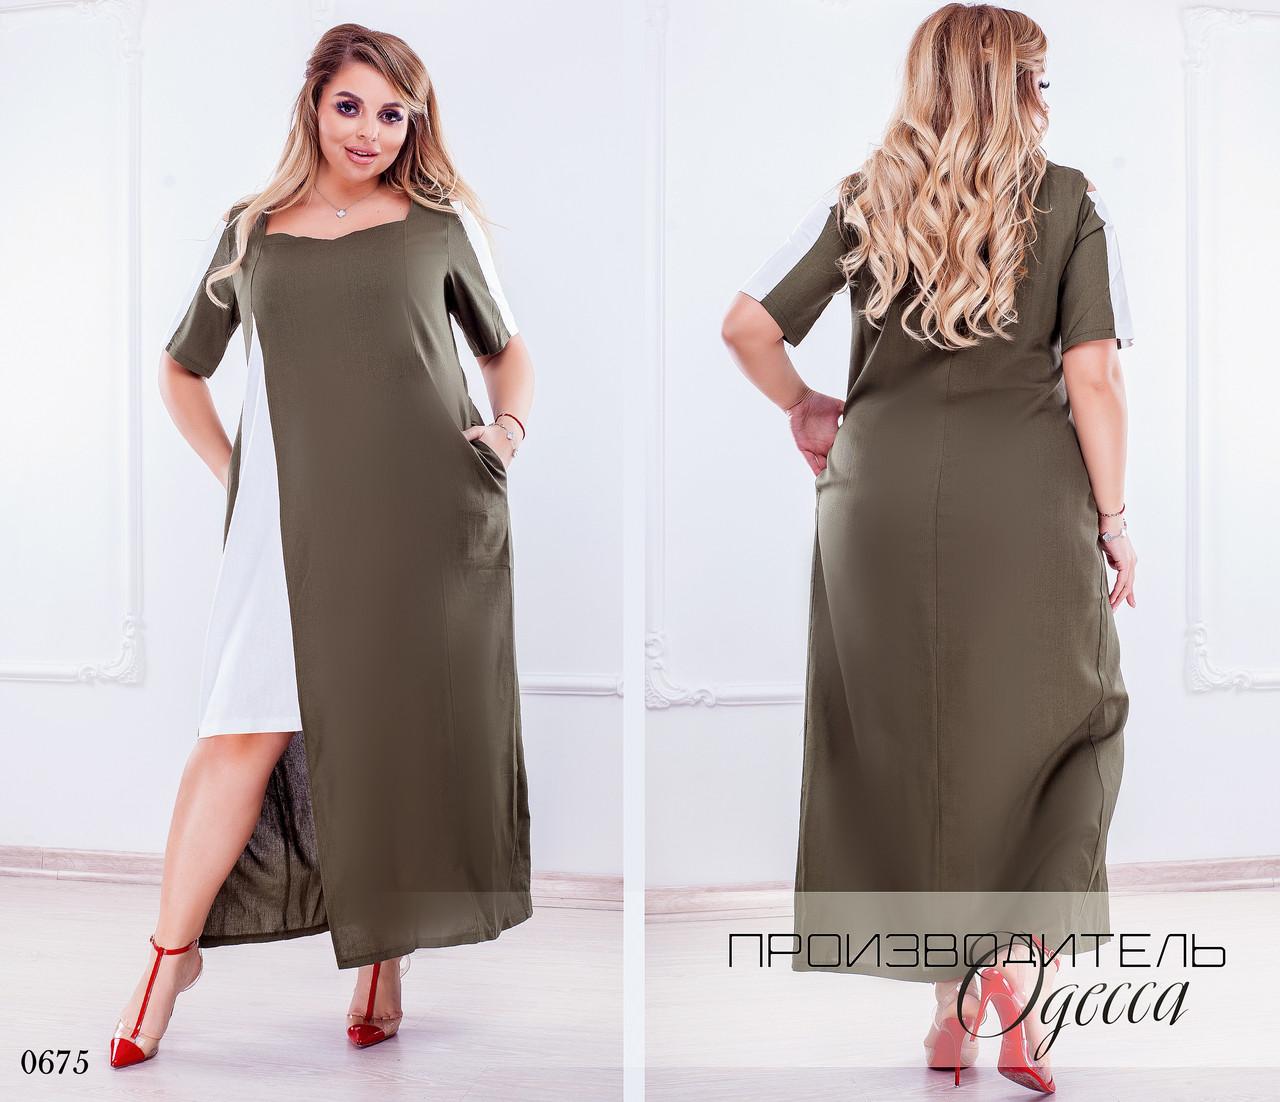 Платье длинное разрез короткий рукав лён 48-50,52-54,56-58